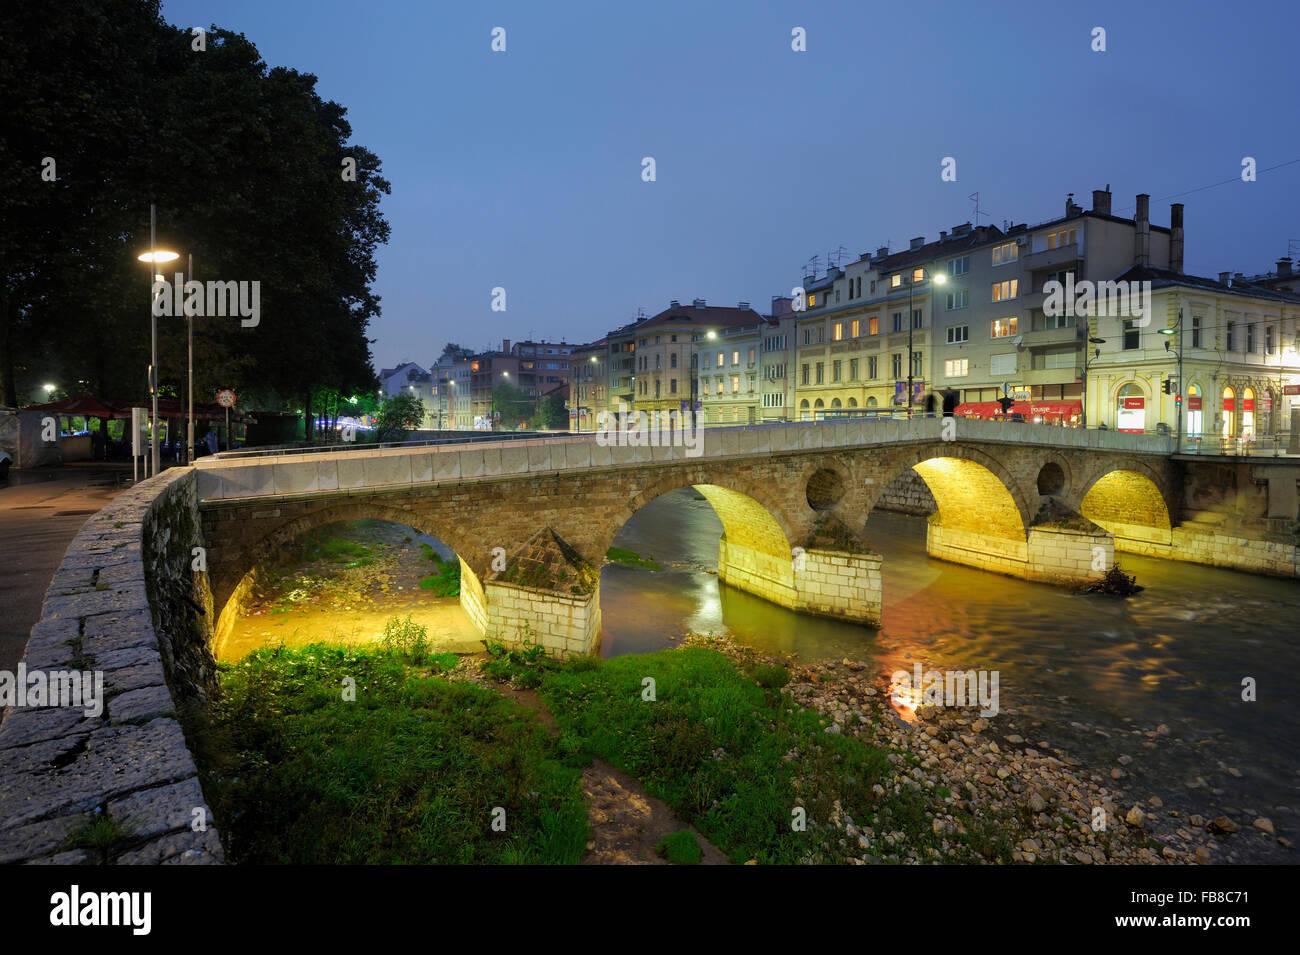 Latinska Cuprija (Latin Bridge), Stari Grad, Sarajevo, Kanton Sarajevo, Federacija Bosne i Hercegovine, Bosnia and - Stock Image